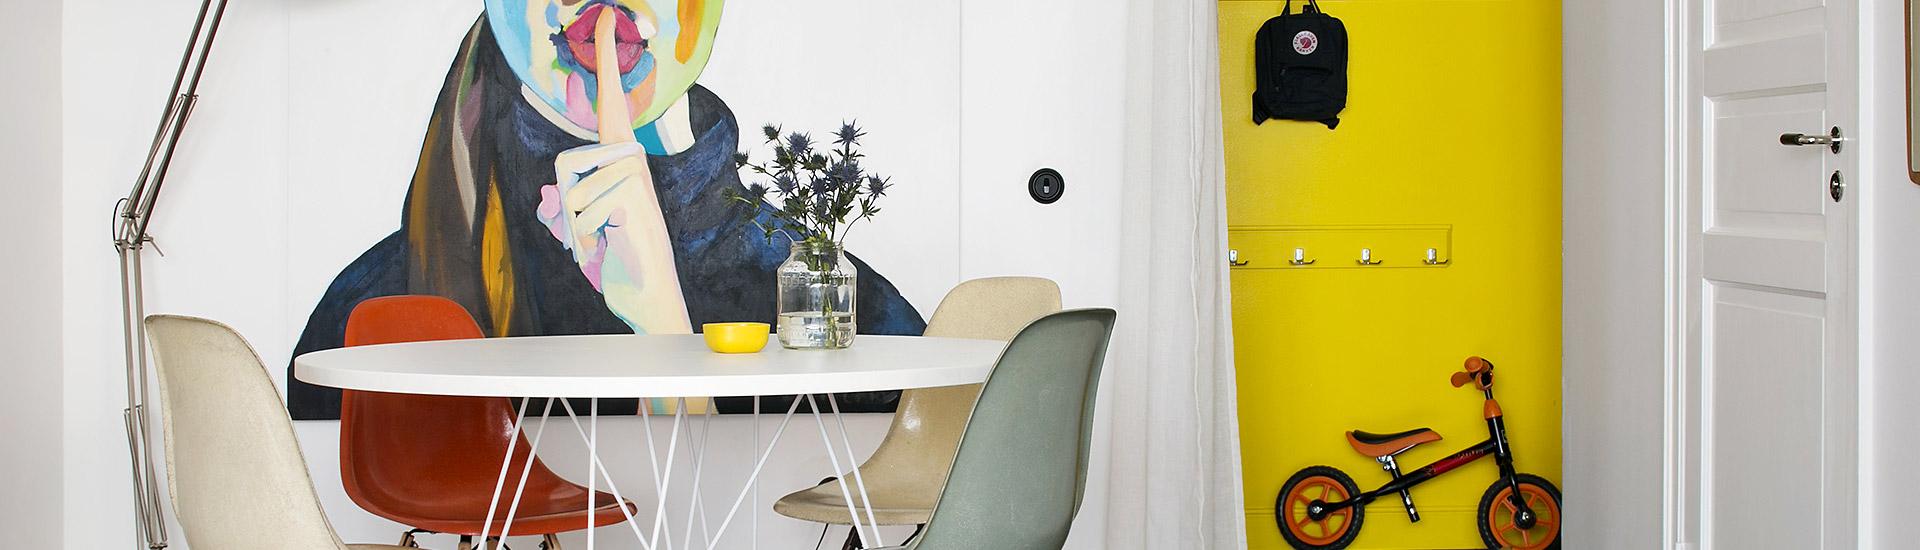 Colorare gli ambienti interni